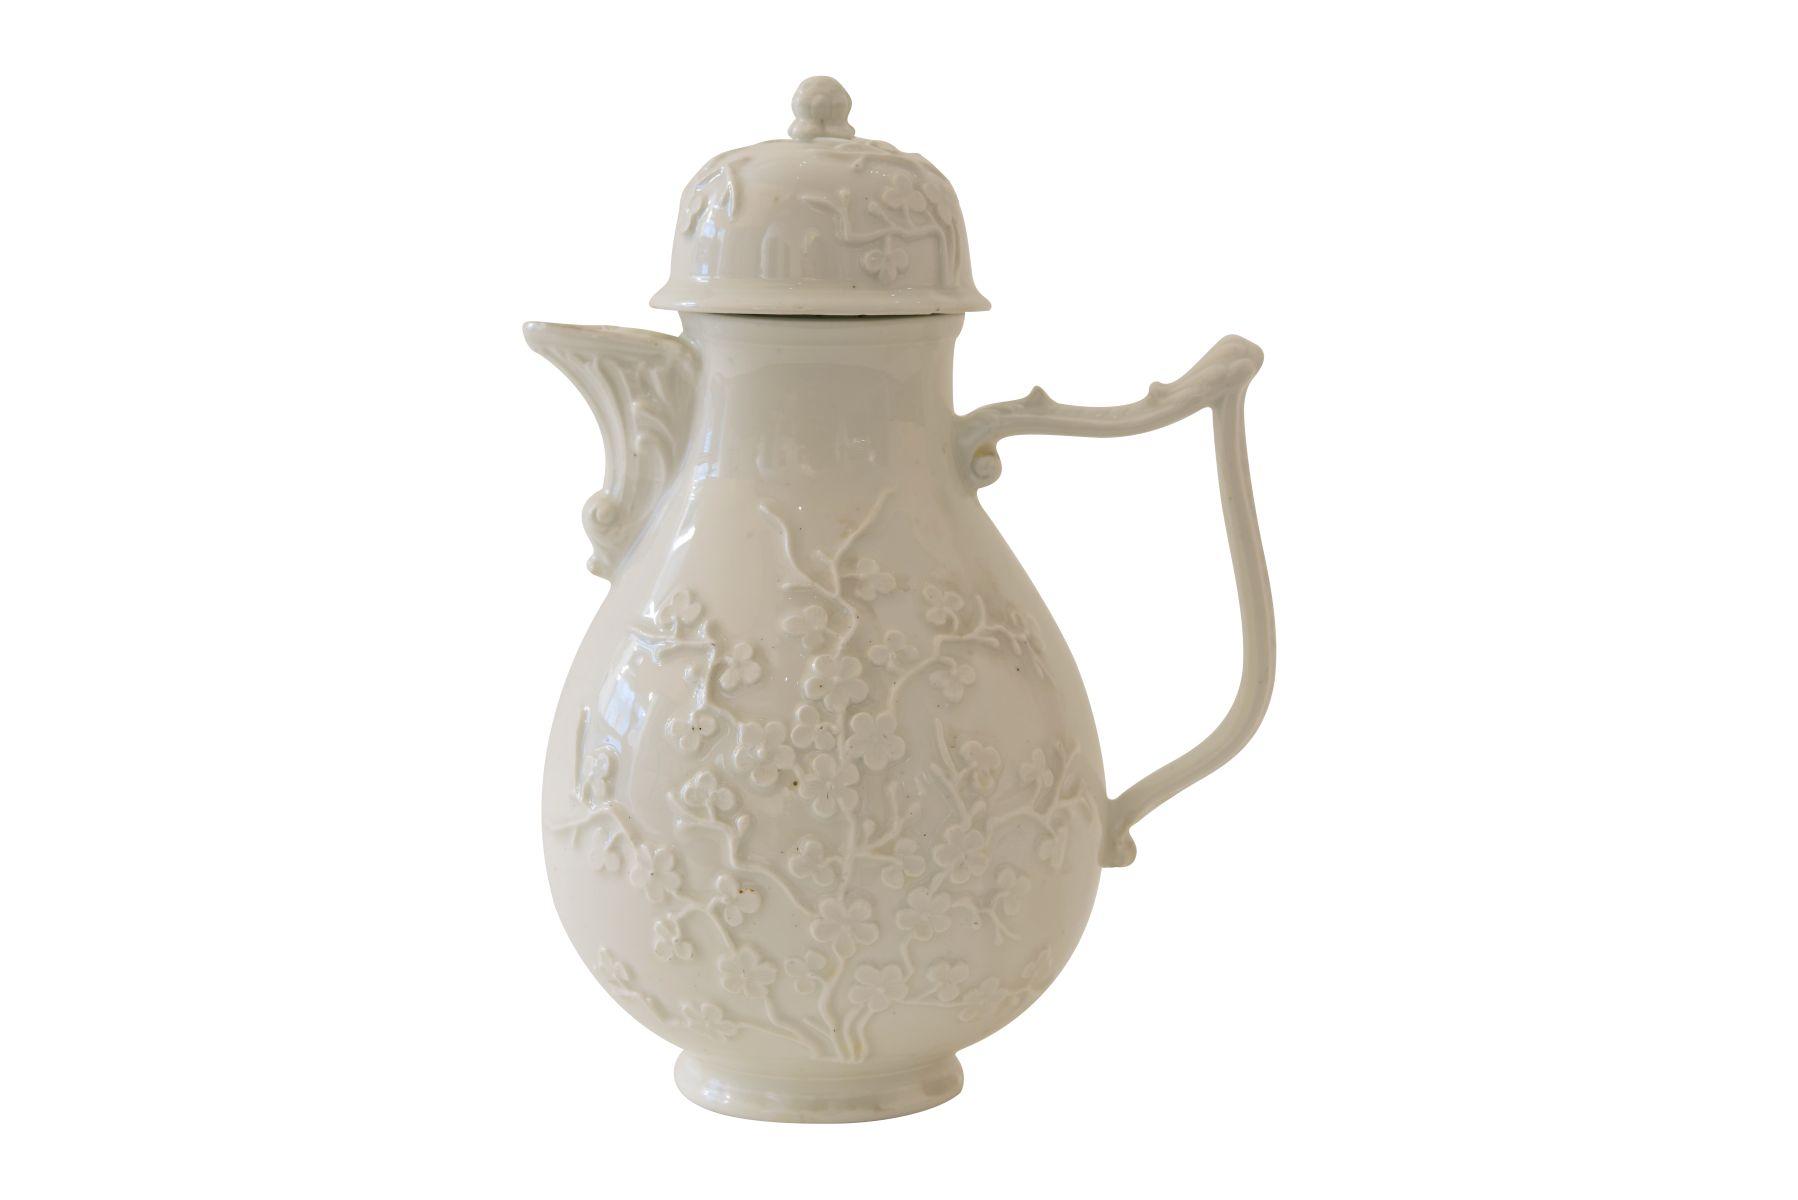 25 teiliges Kaffee- und Teeservice Meissen 18. Jahrhundert - Bild 7 aus 16